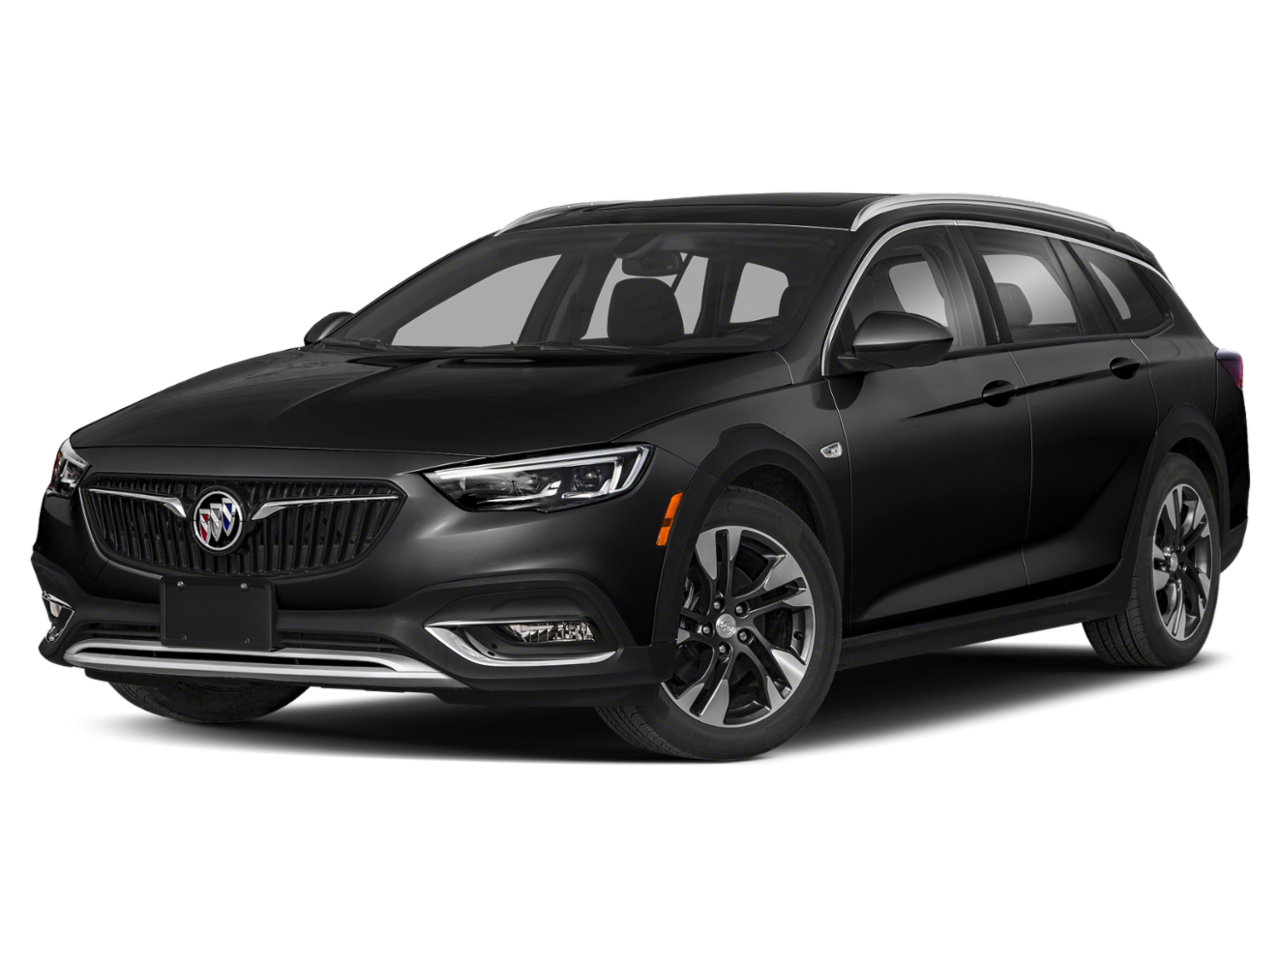 Buick 2020 Regal TourX Preferred